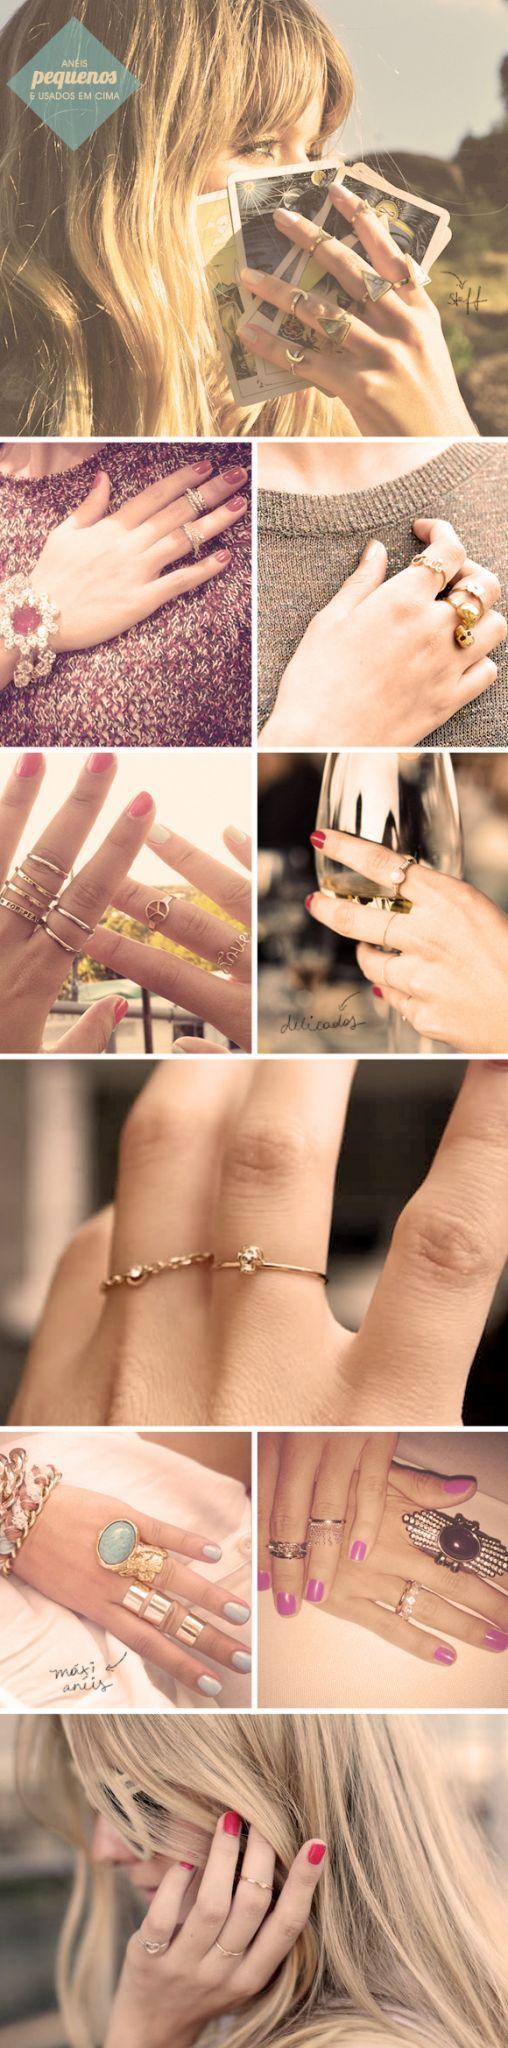 Tendência: anéis pequenos e usados em cima